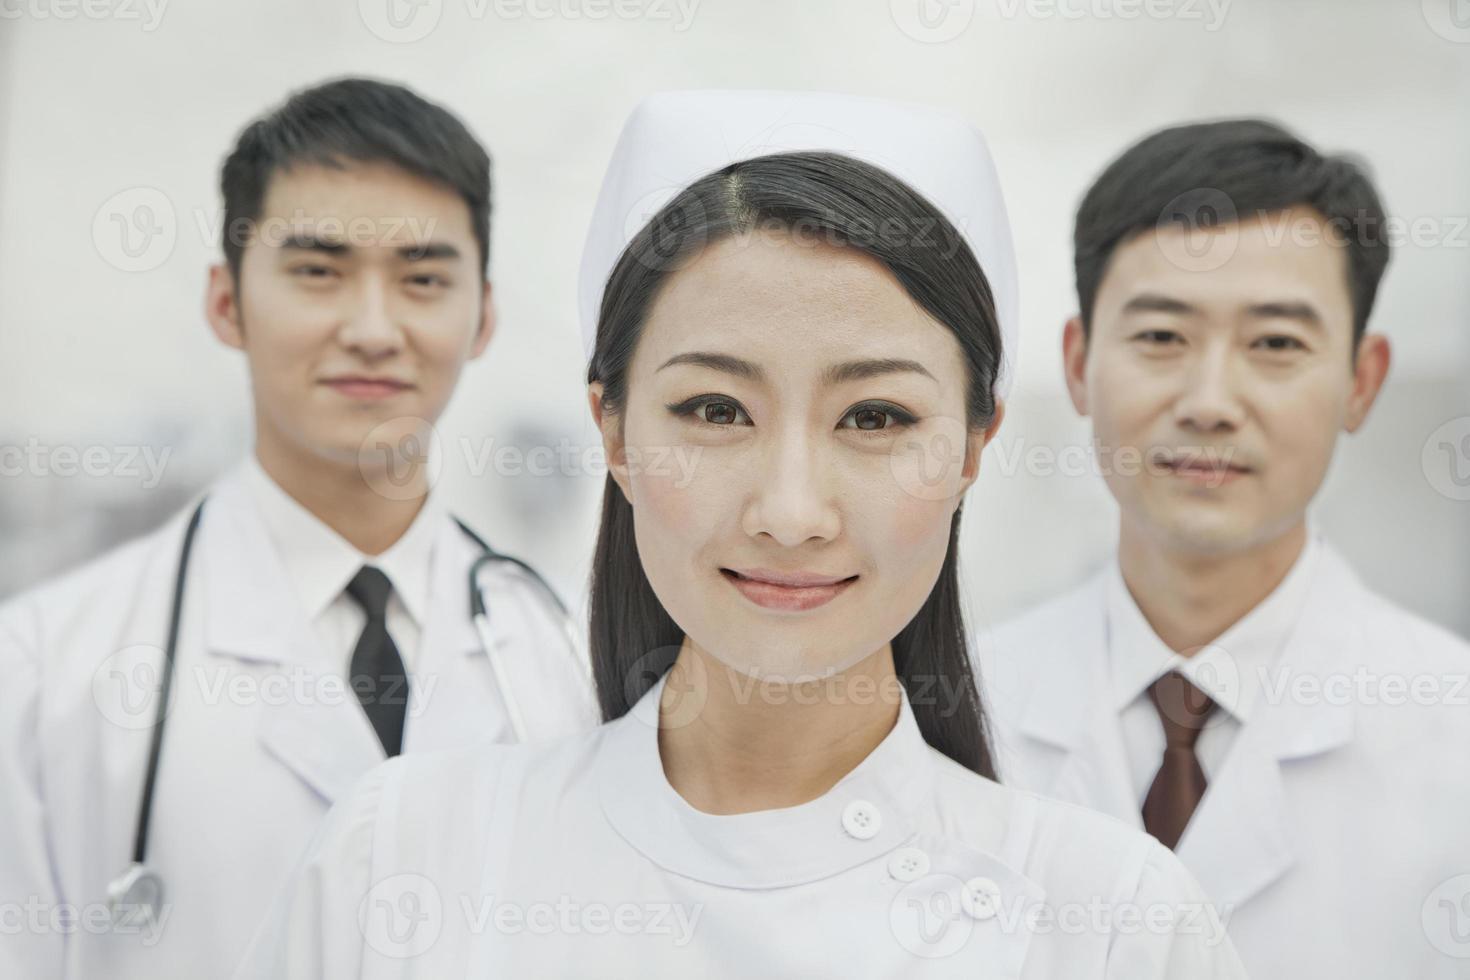 retrato de trabalhadores de saúde na china, dois médicos e enfermeiro foto